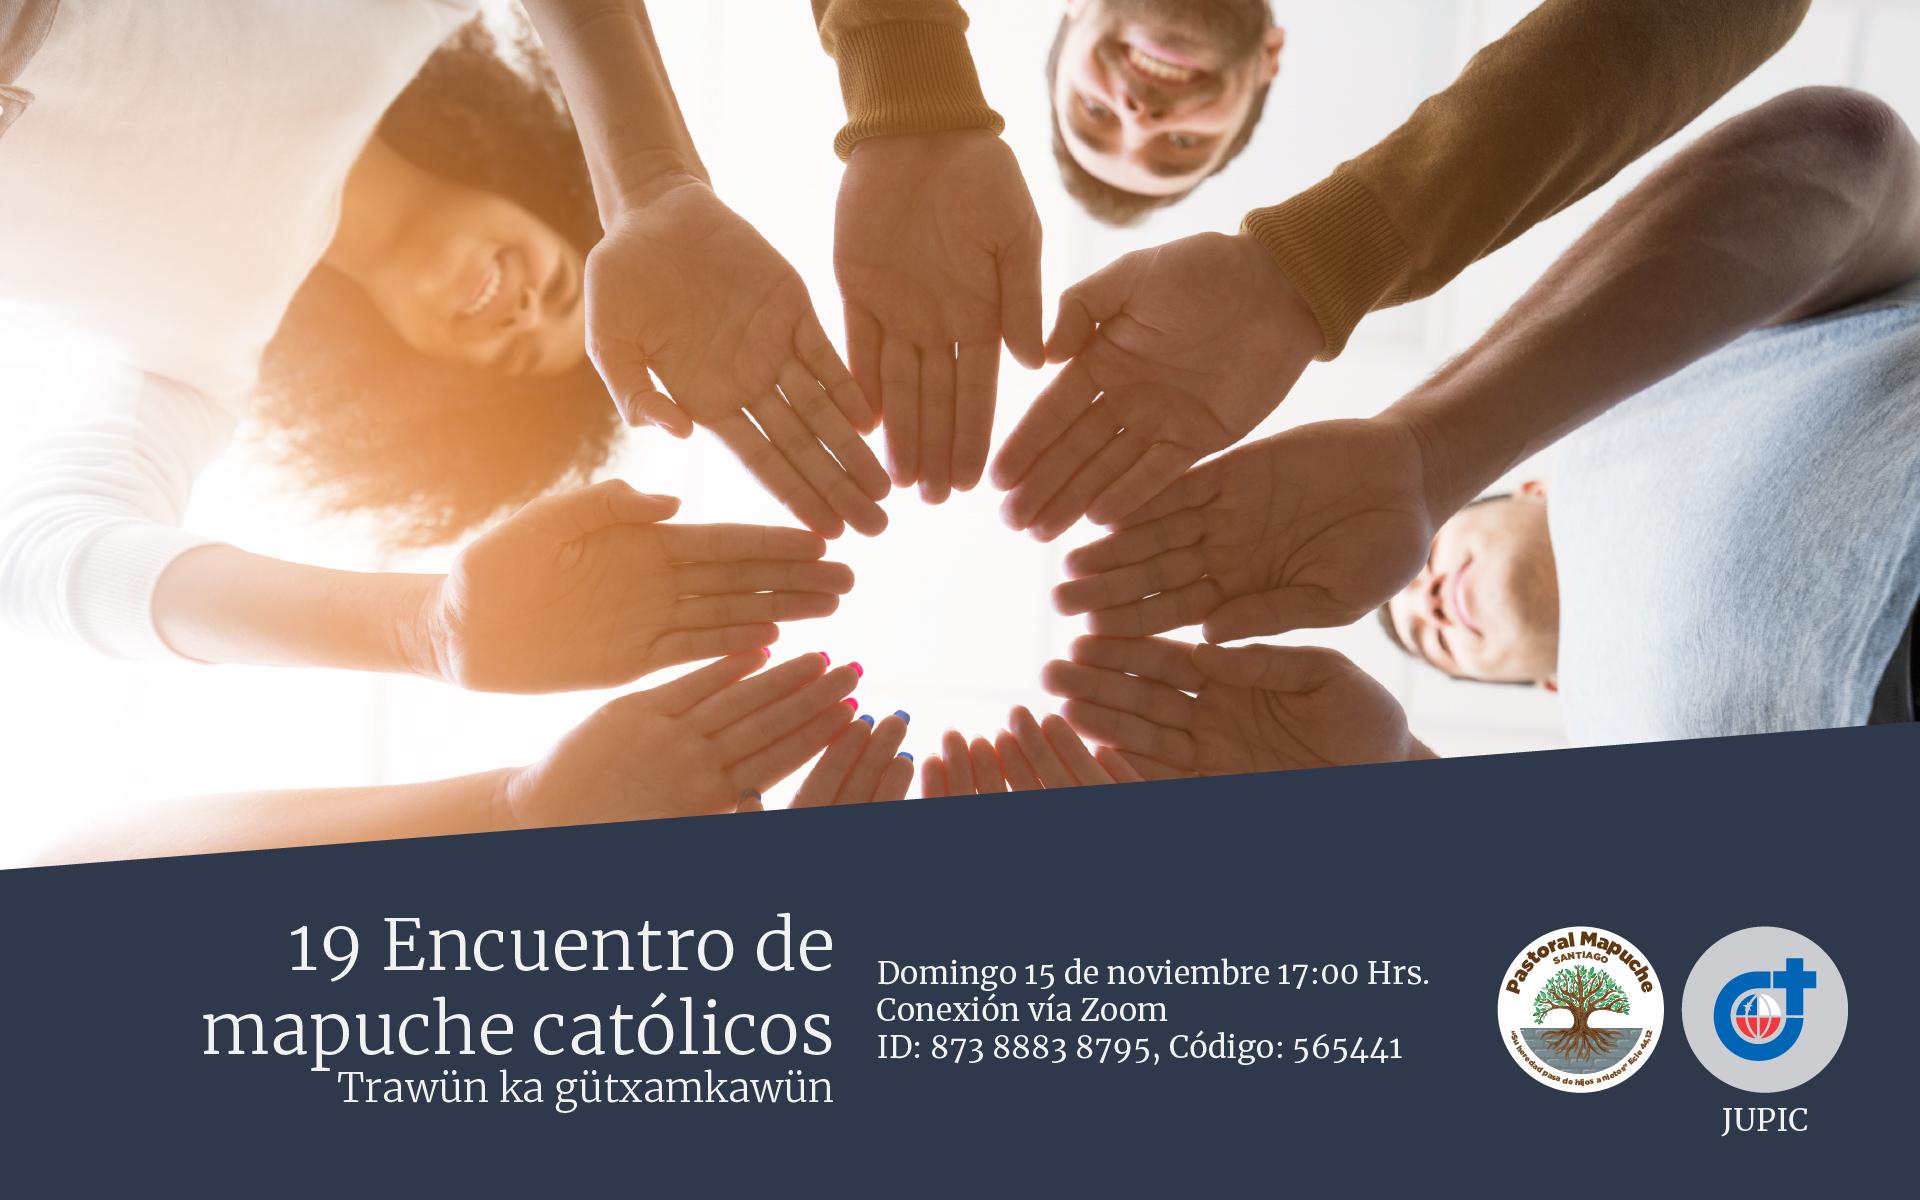 De manera virtual: así será el 19° Encuentro de mapuche católicos